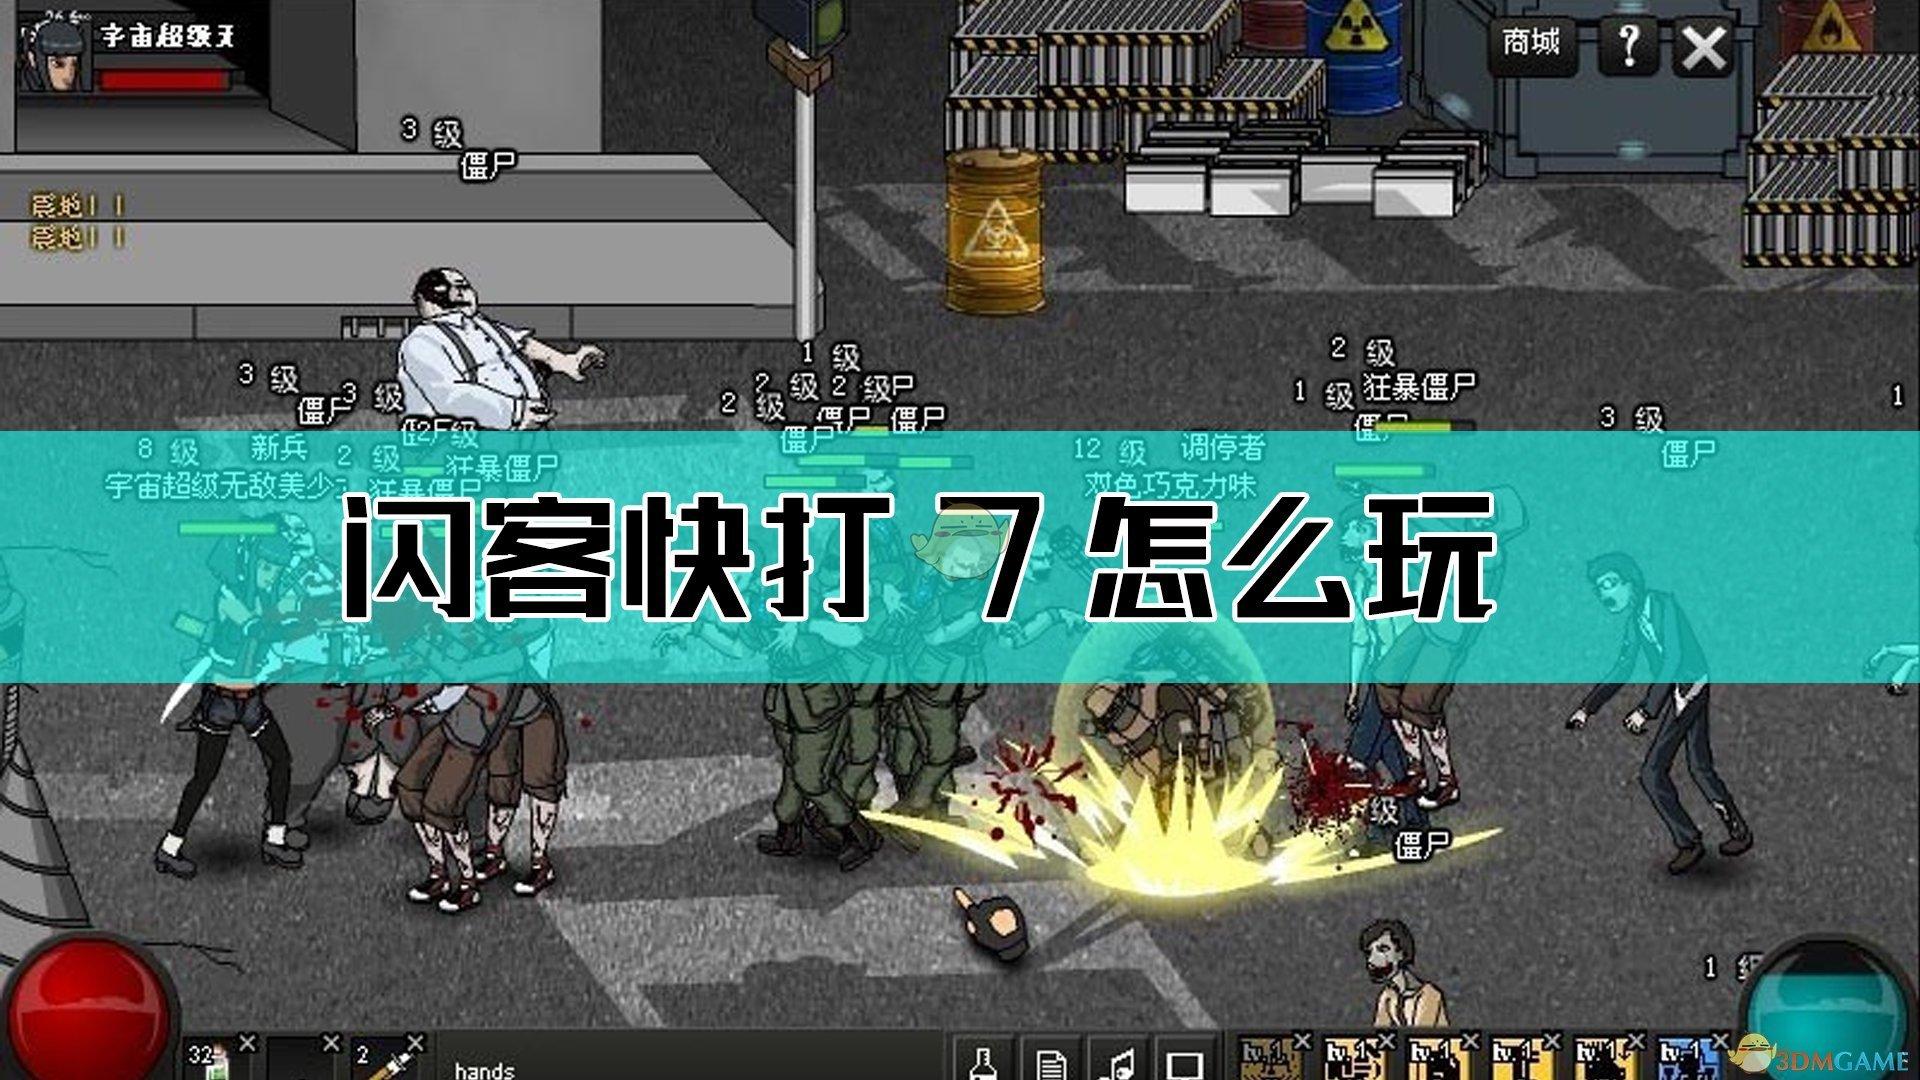 《闪客快打7佣兵帝国》操作方法介绍